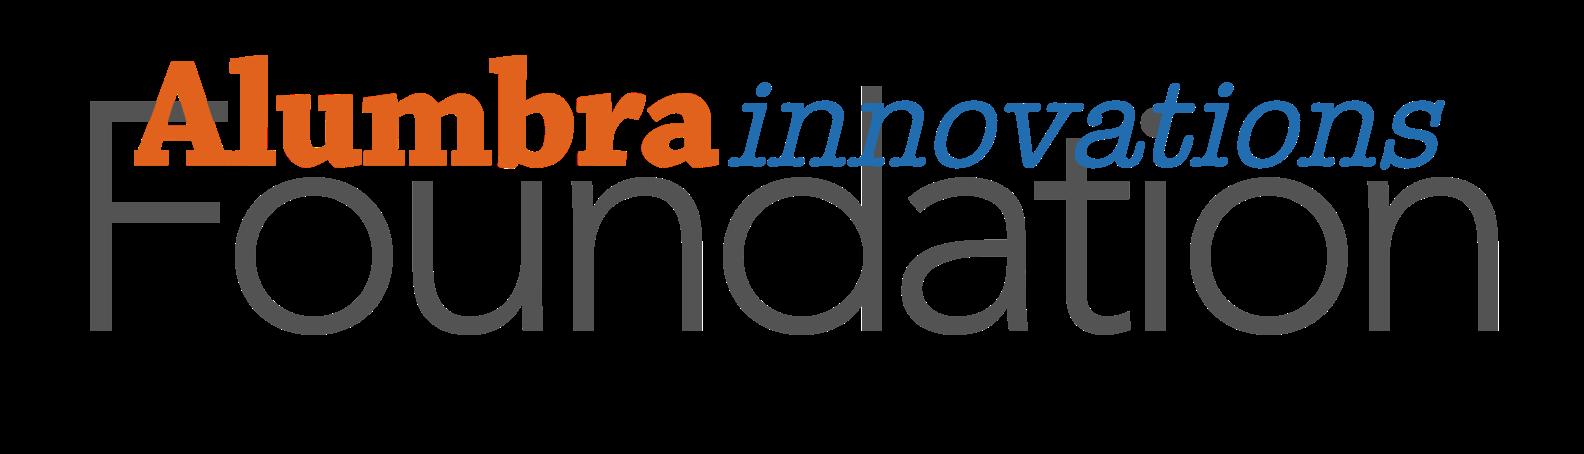 alumbra-innovations-foundation.png